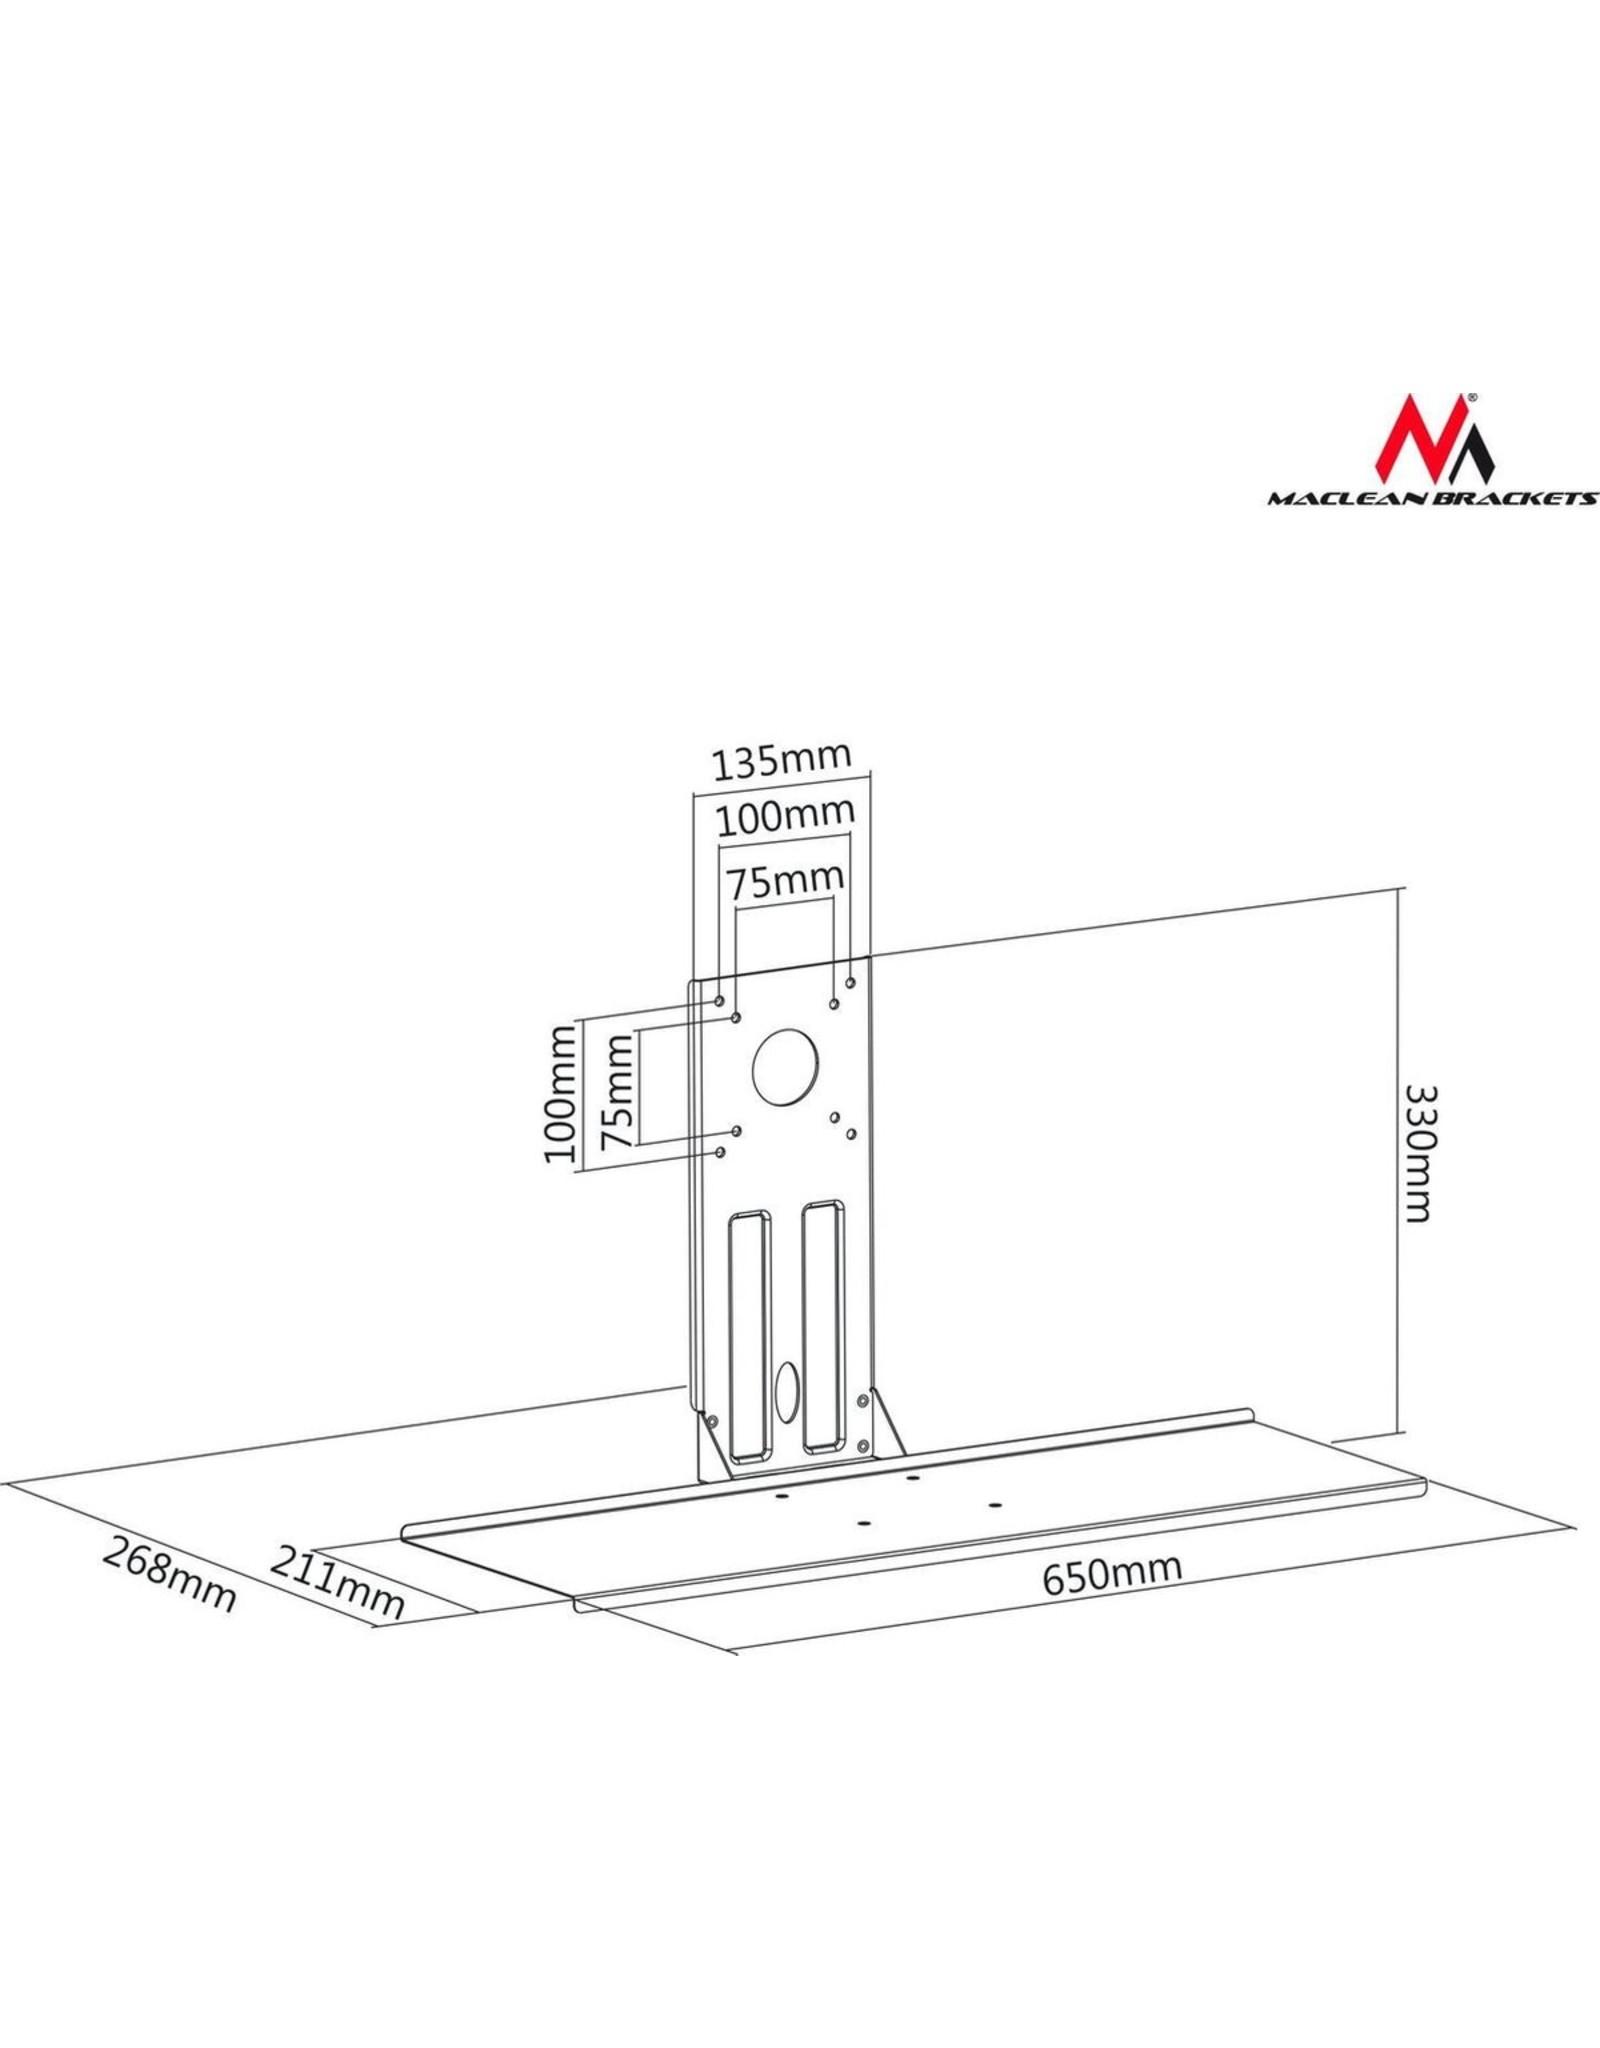 Maclean Brackets Maclean MC-756 - Toetsenbordhouder - VESA Standard: 75x75, 100x100